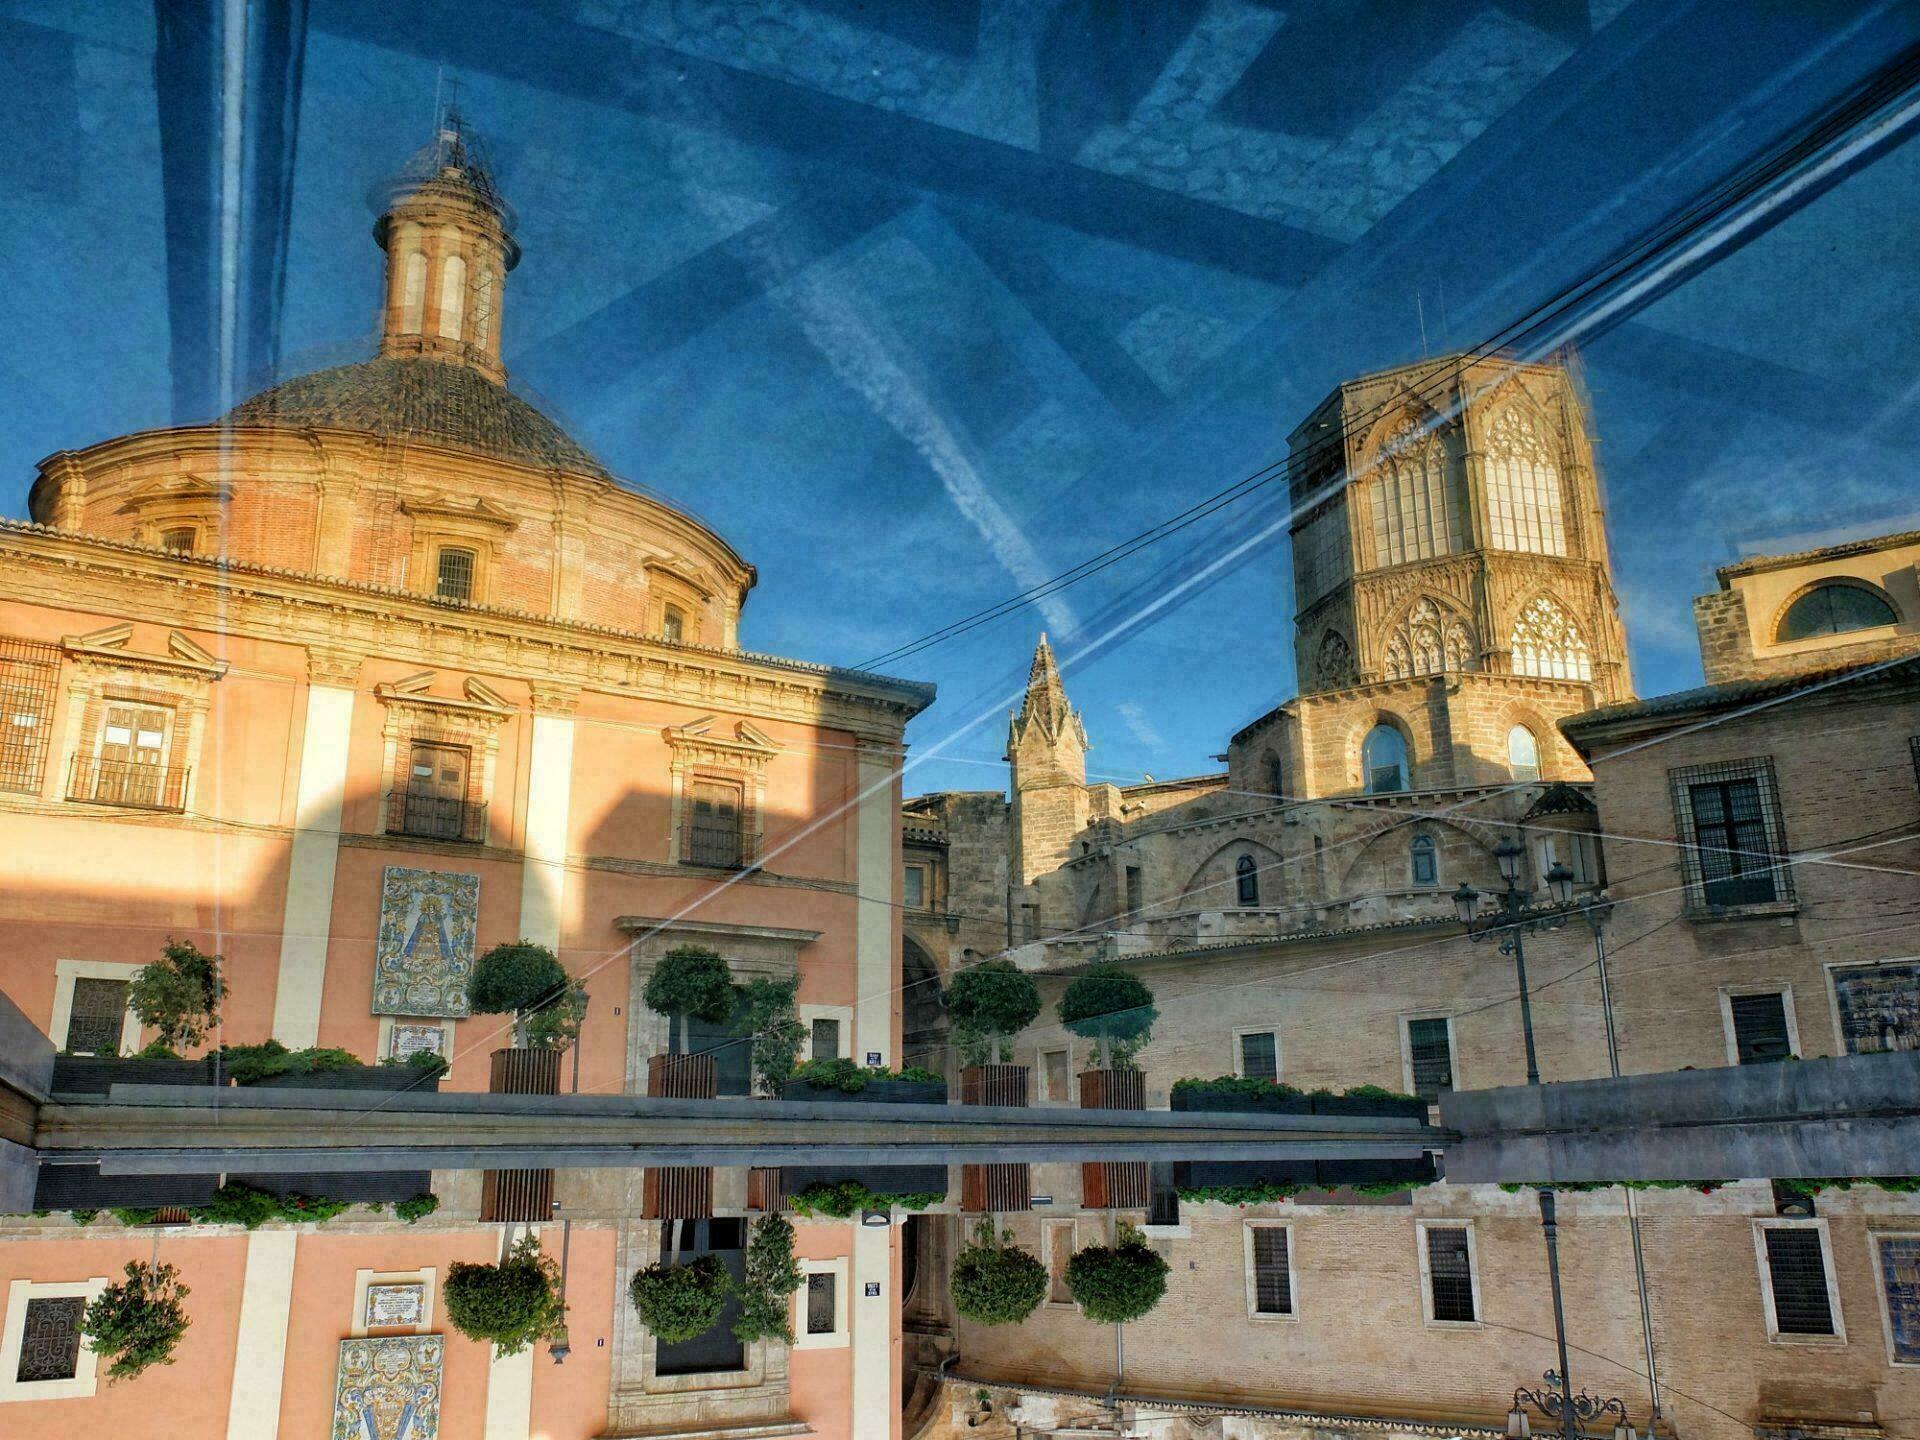 Reflet de la Basilique Royale et la Cathédrale de Valencia